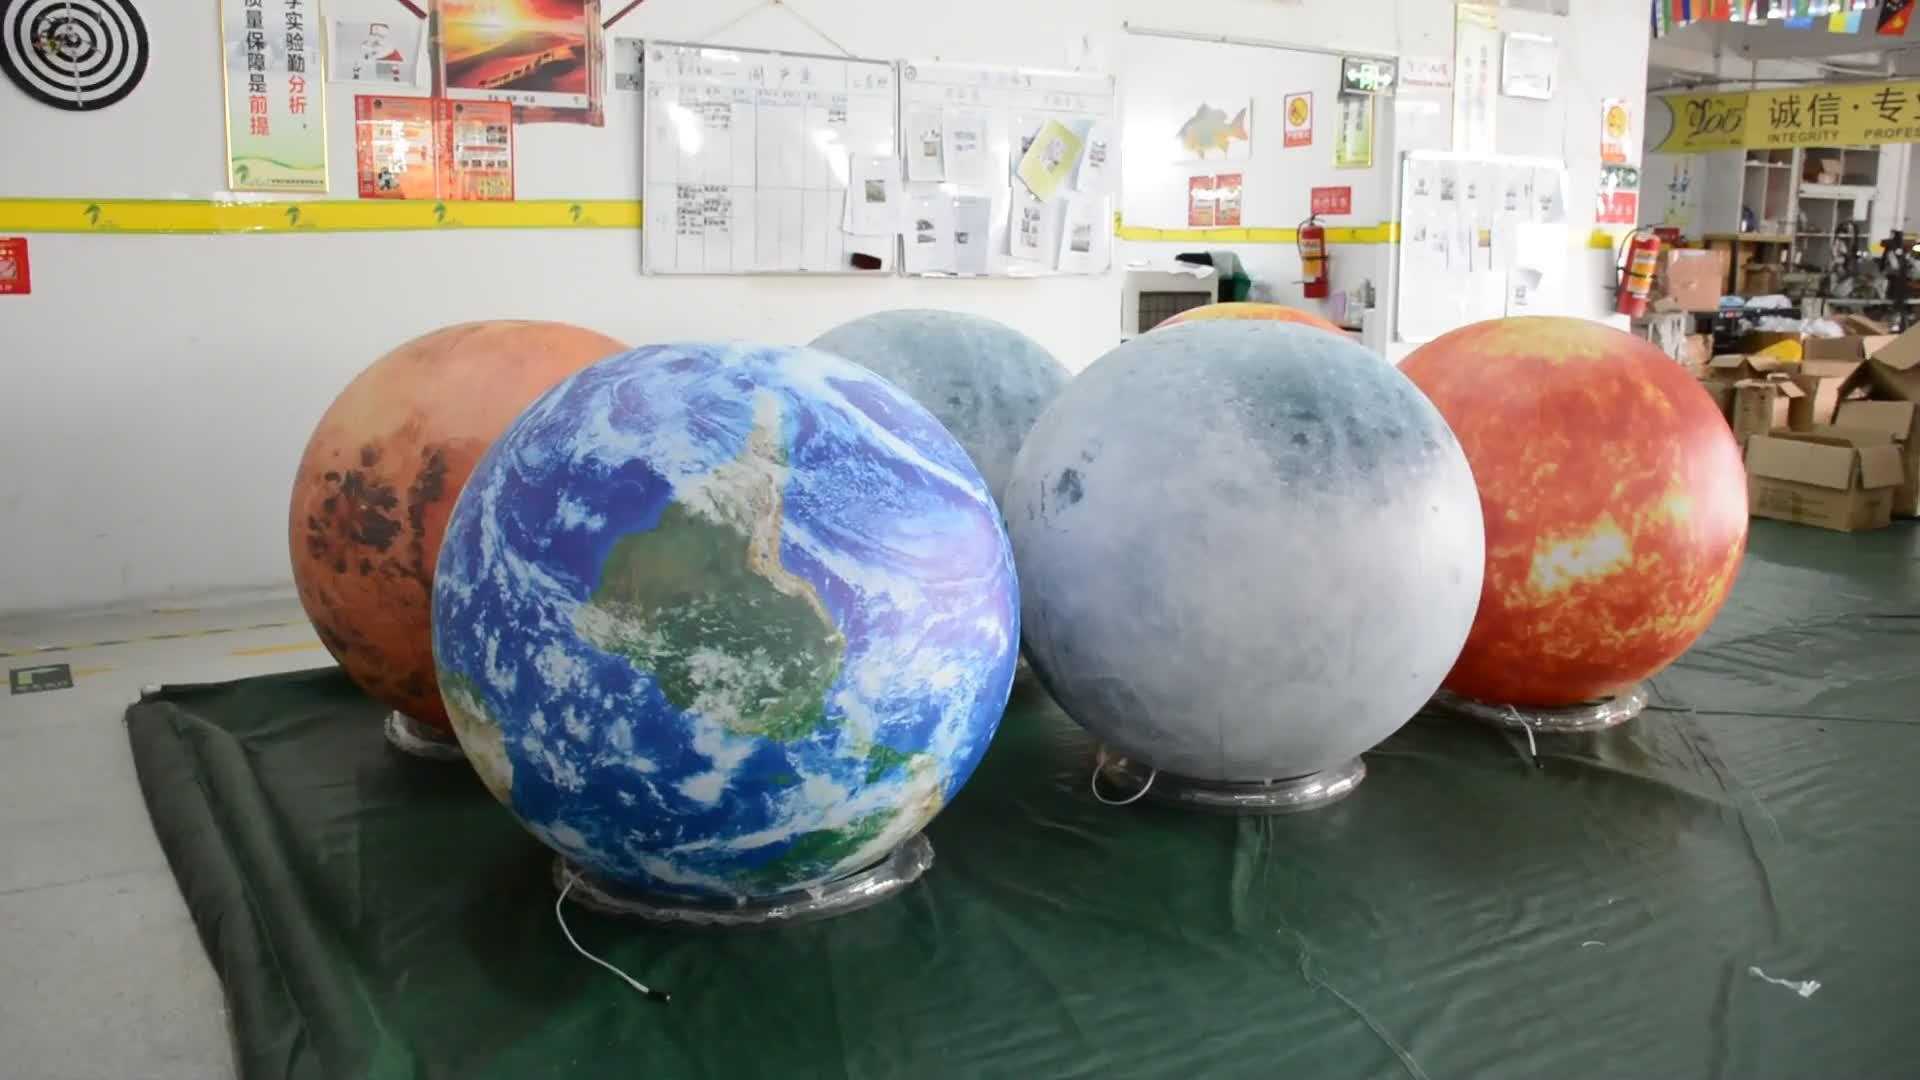 Acht Planeten Ballon LED Opblaasbare Maan Ballon Reclame Opblaasbare Aarde Globe 120cm Air Bal